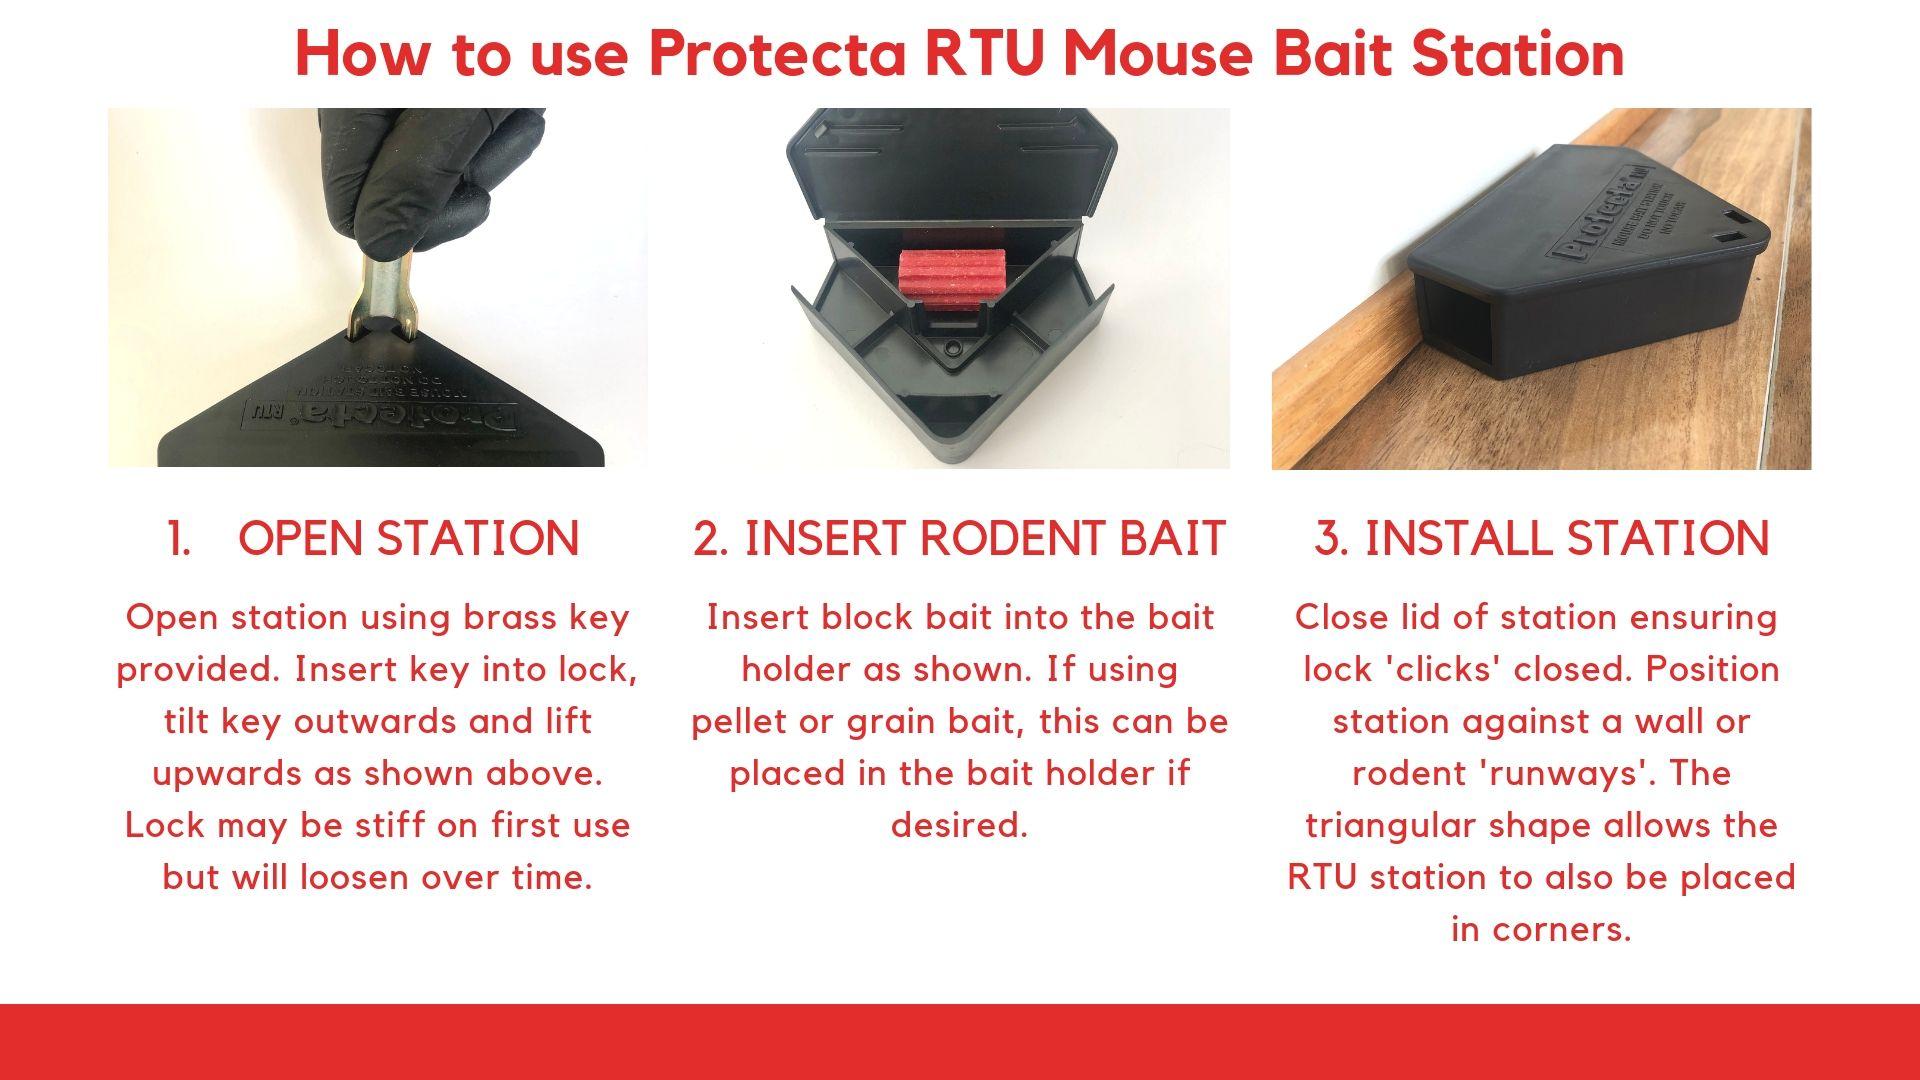 Protecta RTU Bait Station Instructions